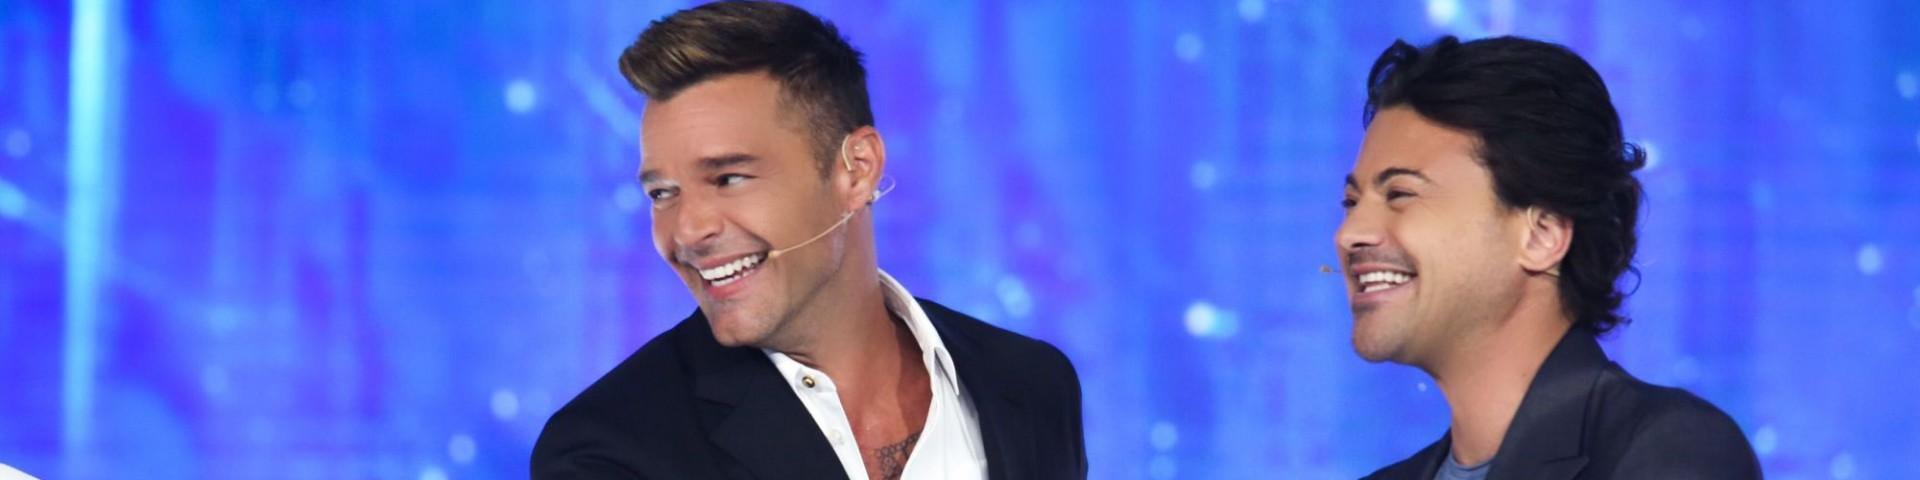 Ricky Martin e Vittorio Grigolo lasciano Amici: perché?